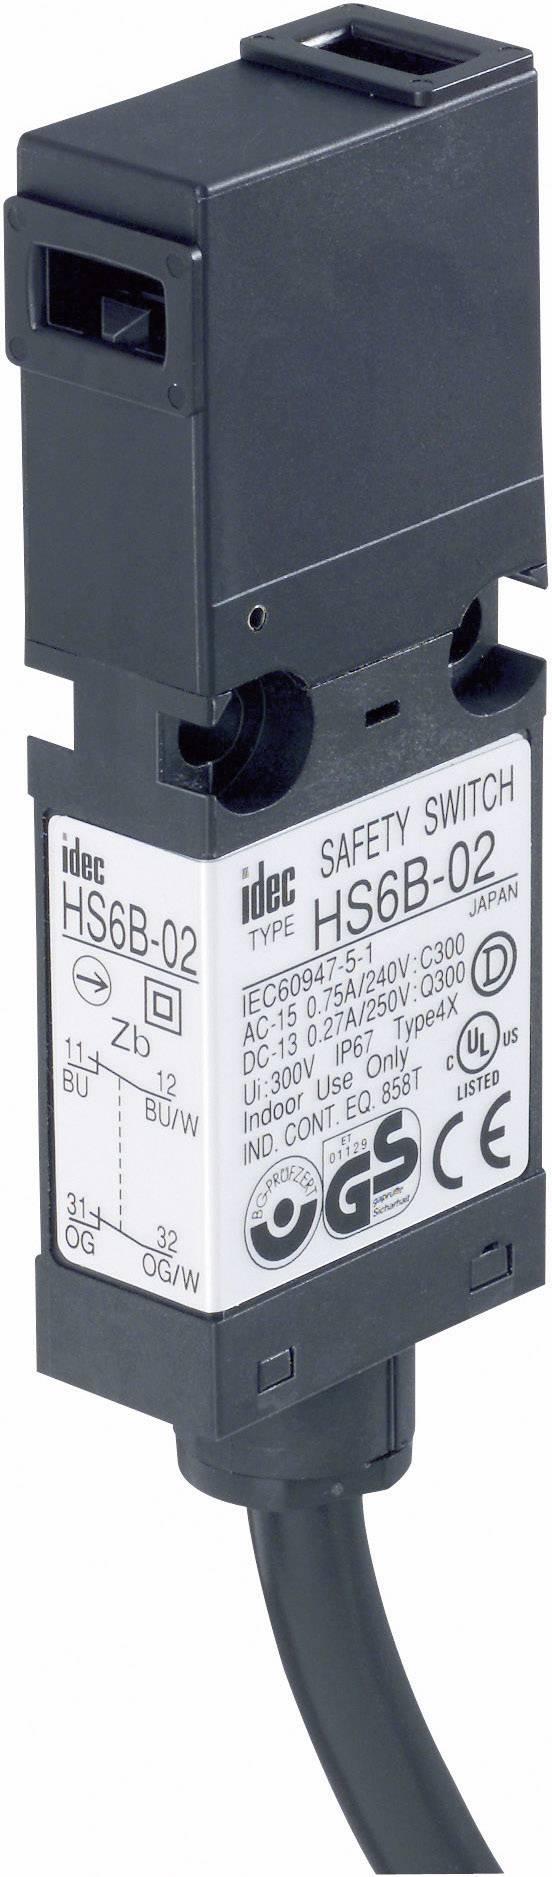 Bezpečnostný spínač Idec HS6B-11B01, 250 V/AC, 3 A